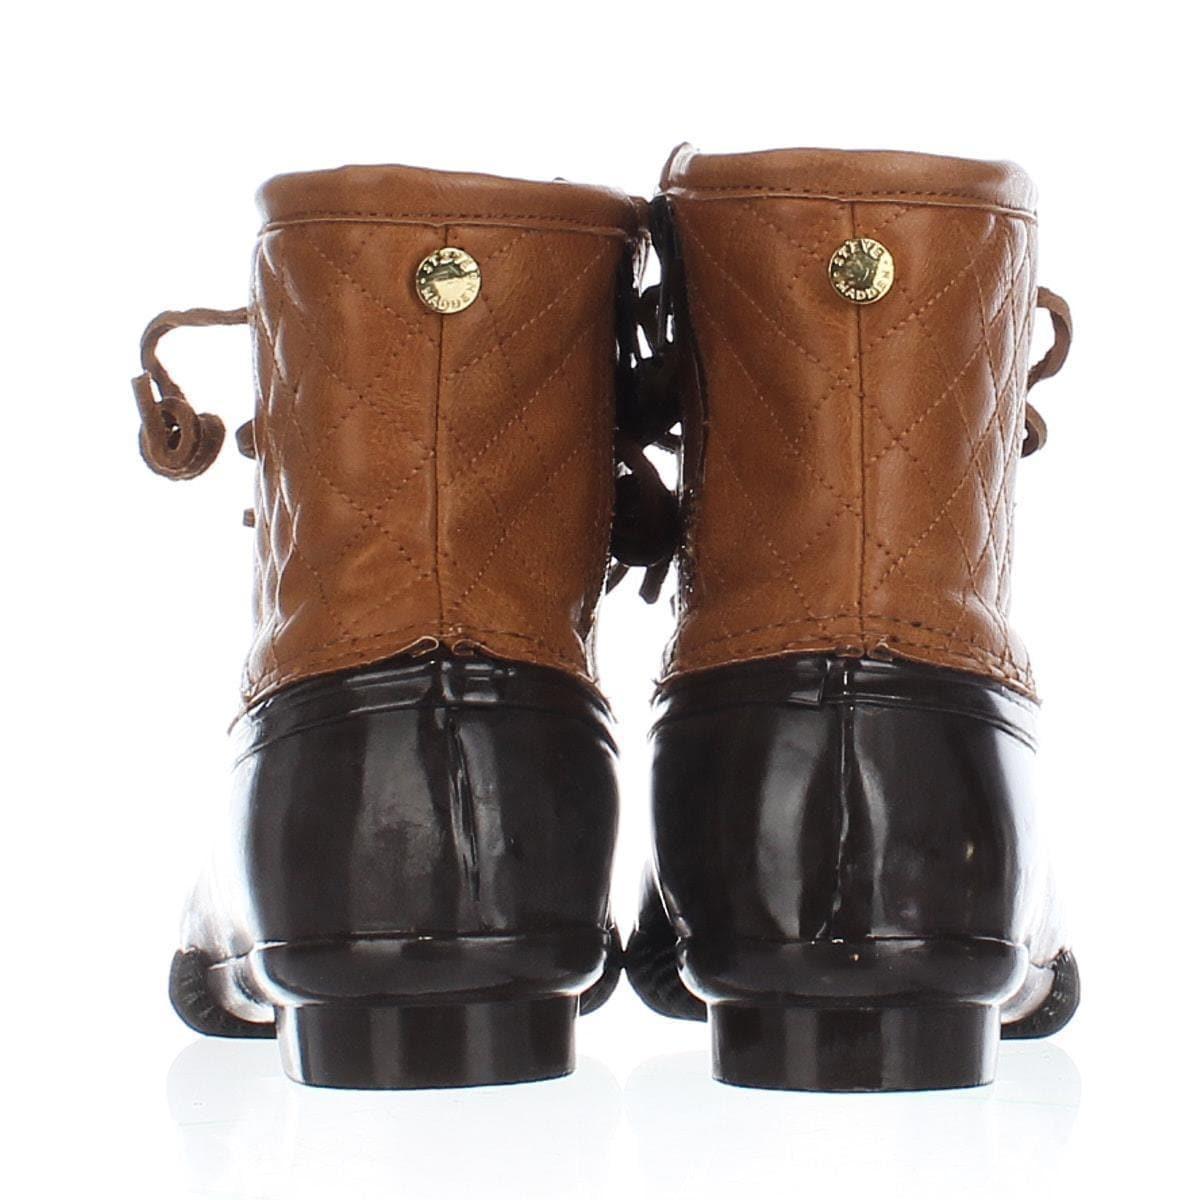 2a80a462aab Shop Steve Madden Womens tillis s Closed Toe Mid-Calf Cold